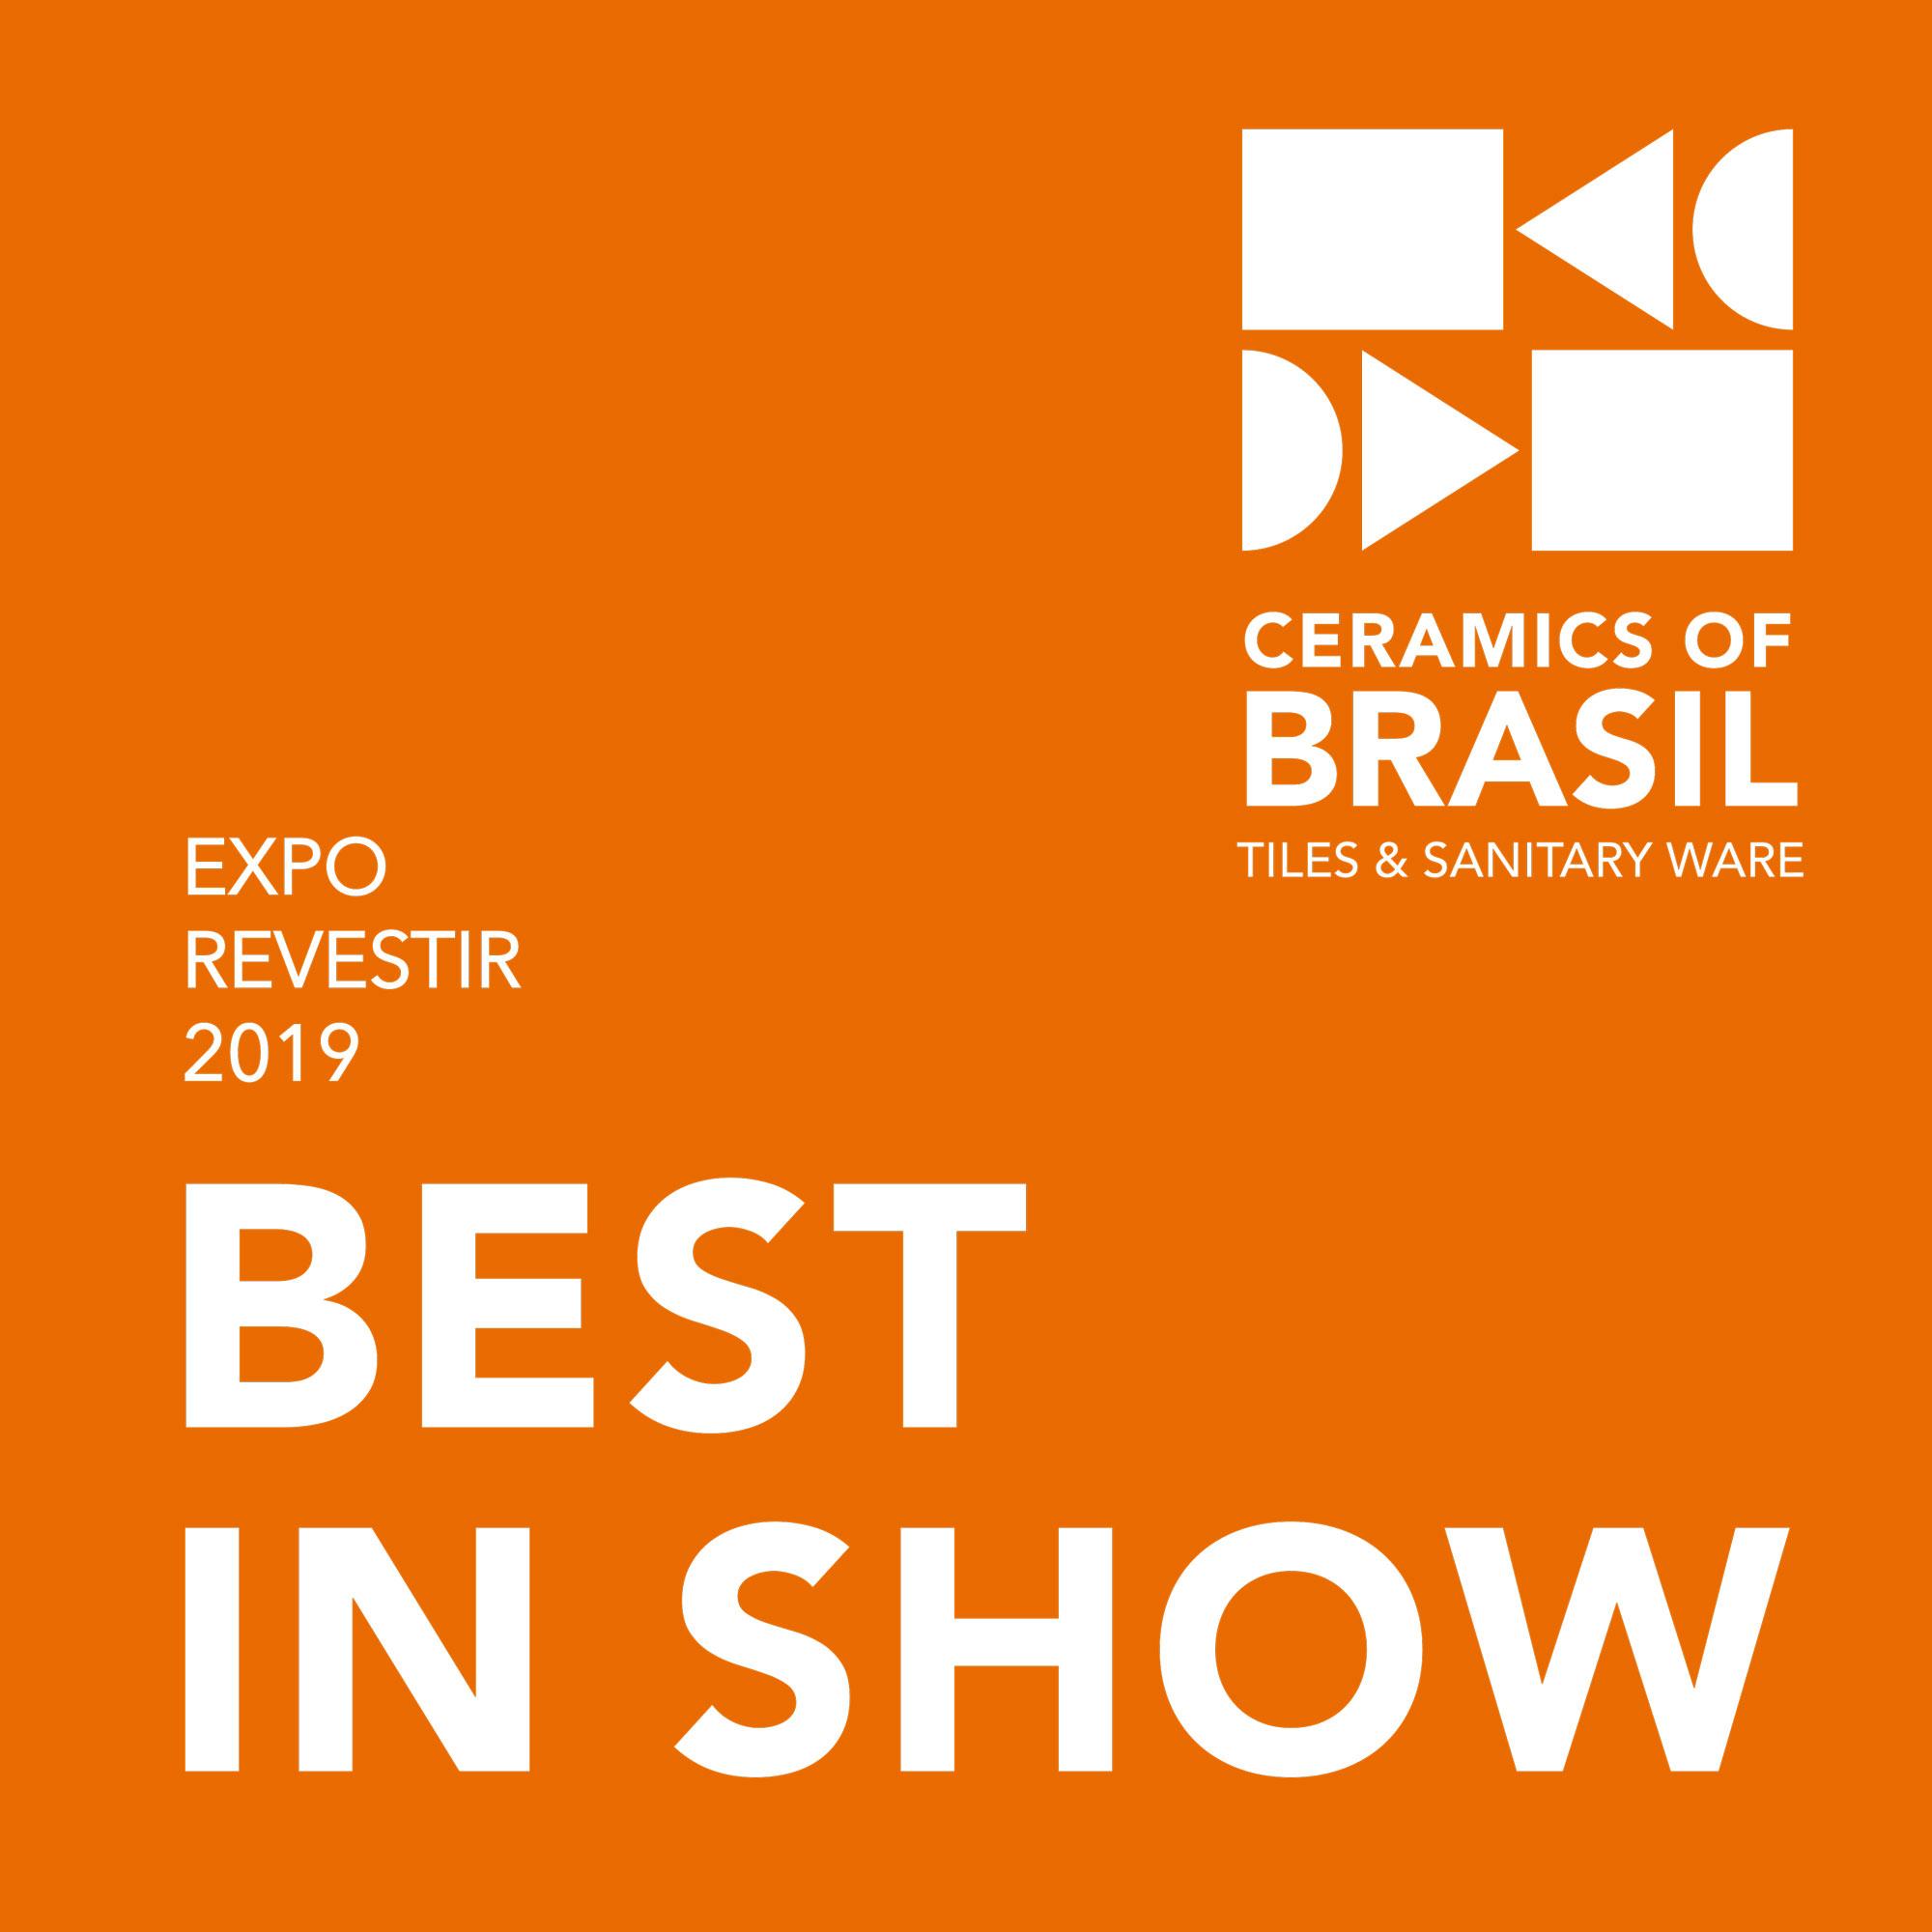 selo-best-in-show-2019.jpg